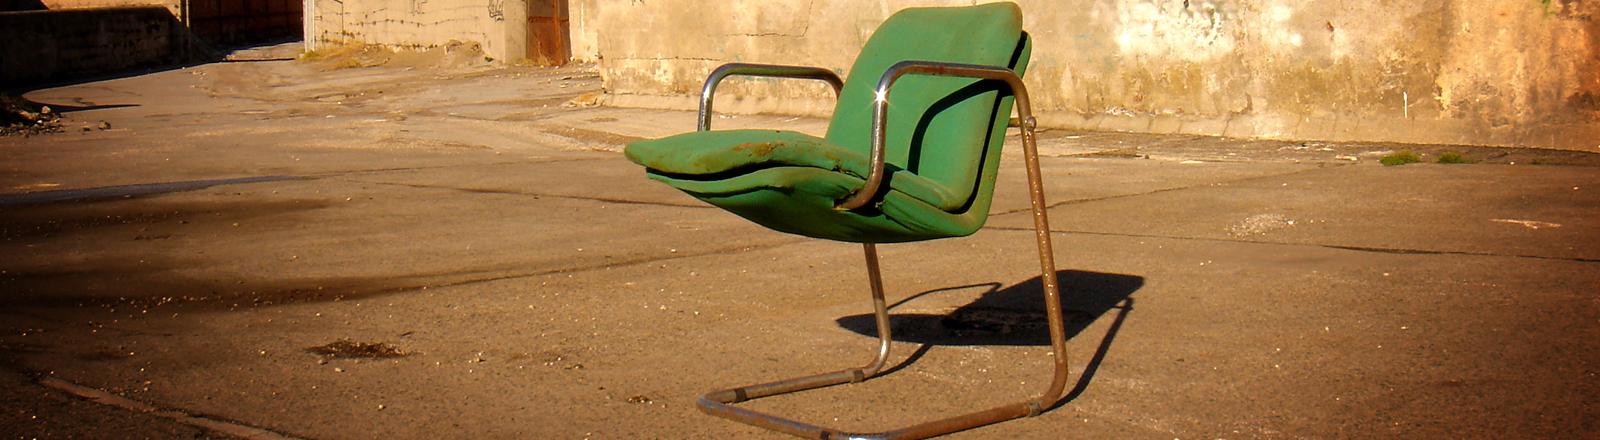 Alter Designerstuhl im Hinterhof